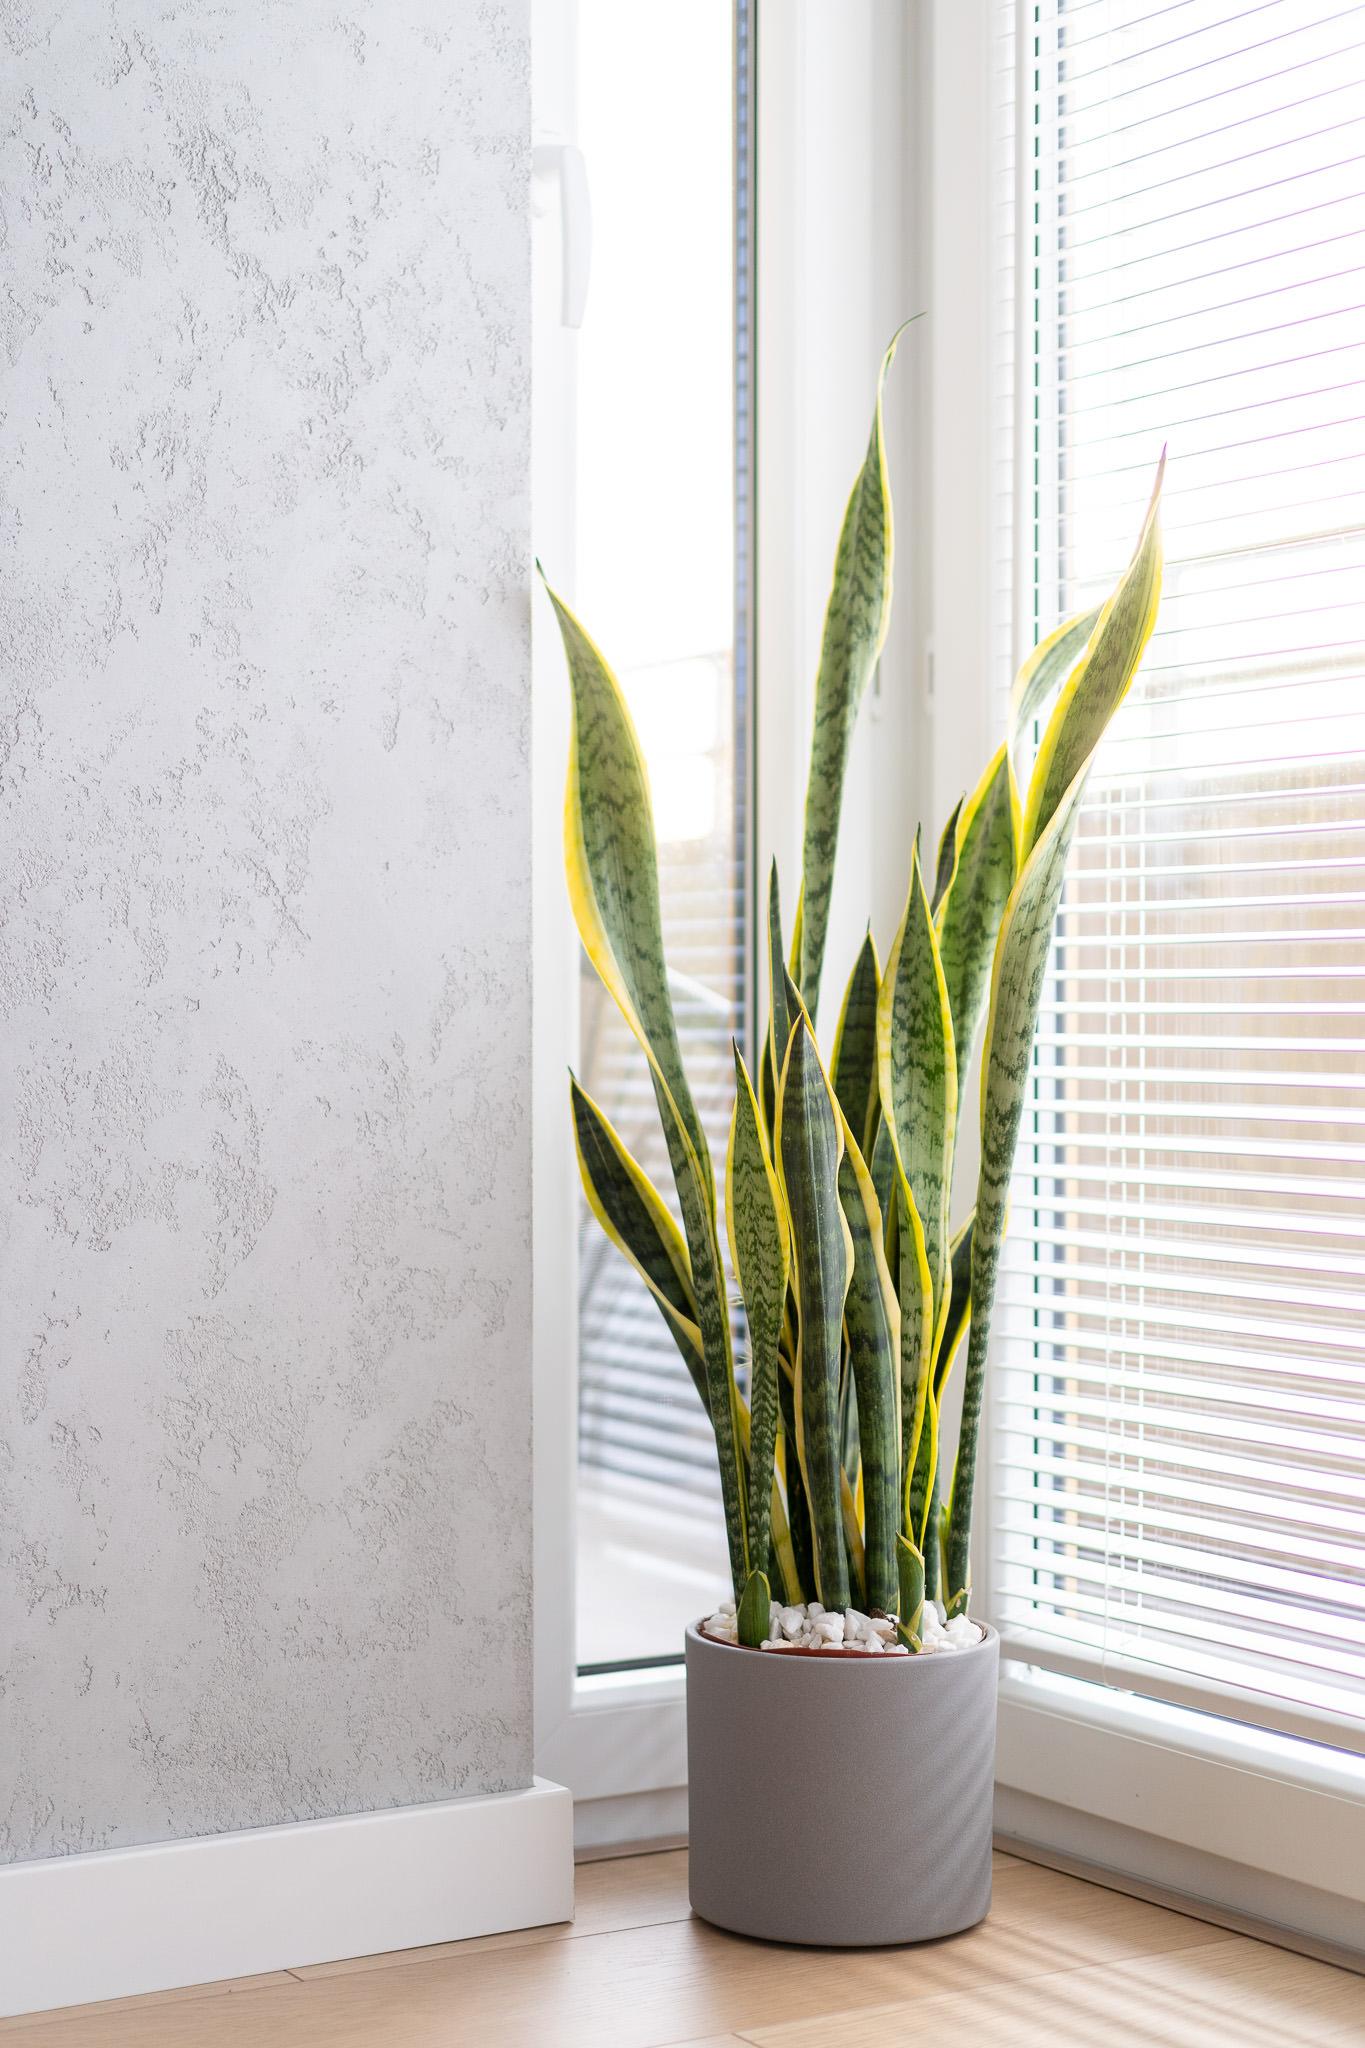 10 projketowanie wnetrz R105 mieszkanie Krakow strefa dzienna zaluzje w oknie beton na scianie kwiaty we wnetrzu